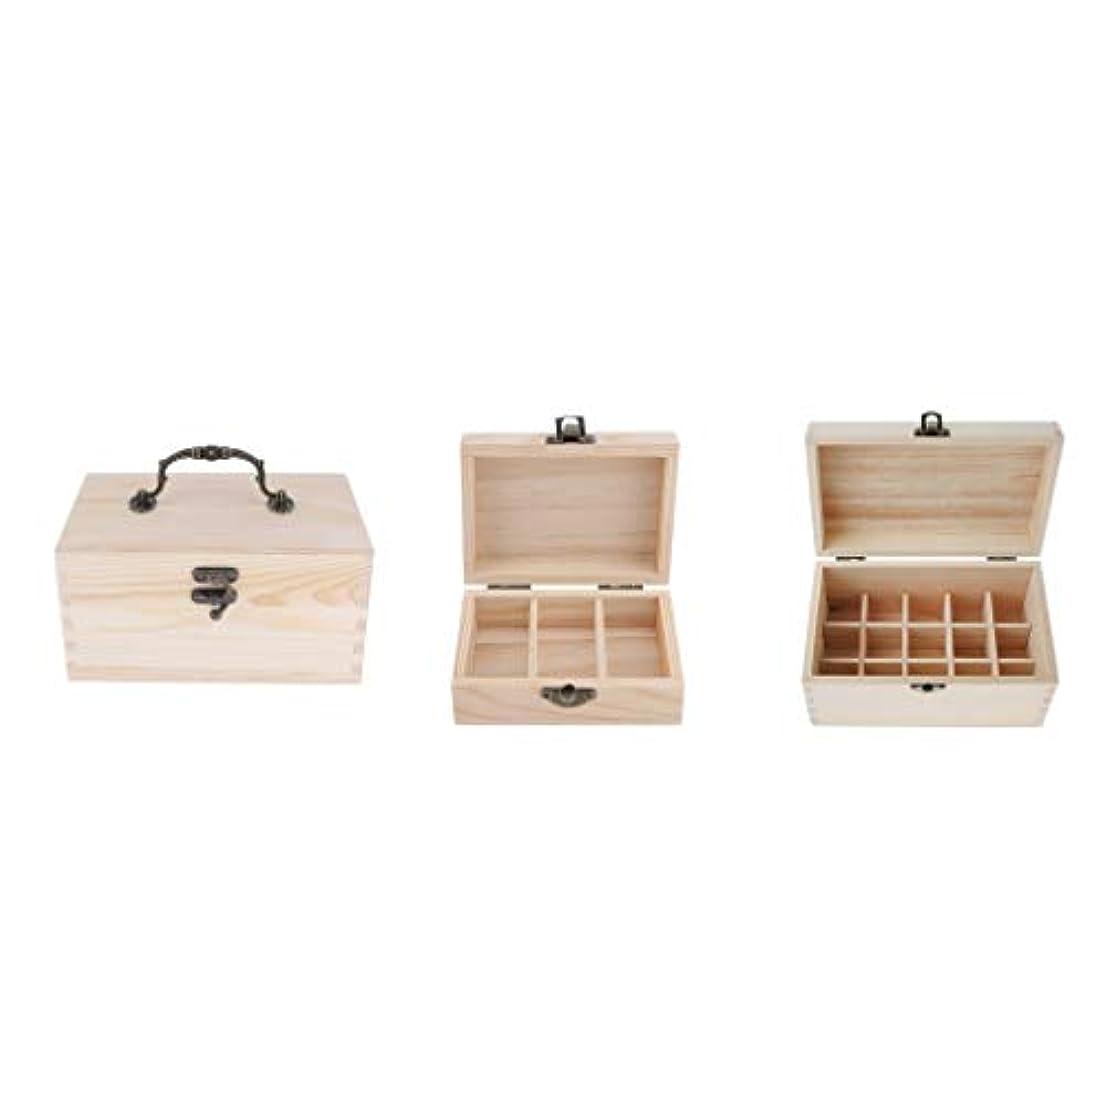 便利油テンポchiwanji エッセンシャルオイル 収納ボックス精油ケース 収納ボックス 香水収納ケース アロマオイル収納ボックス3個入